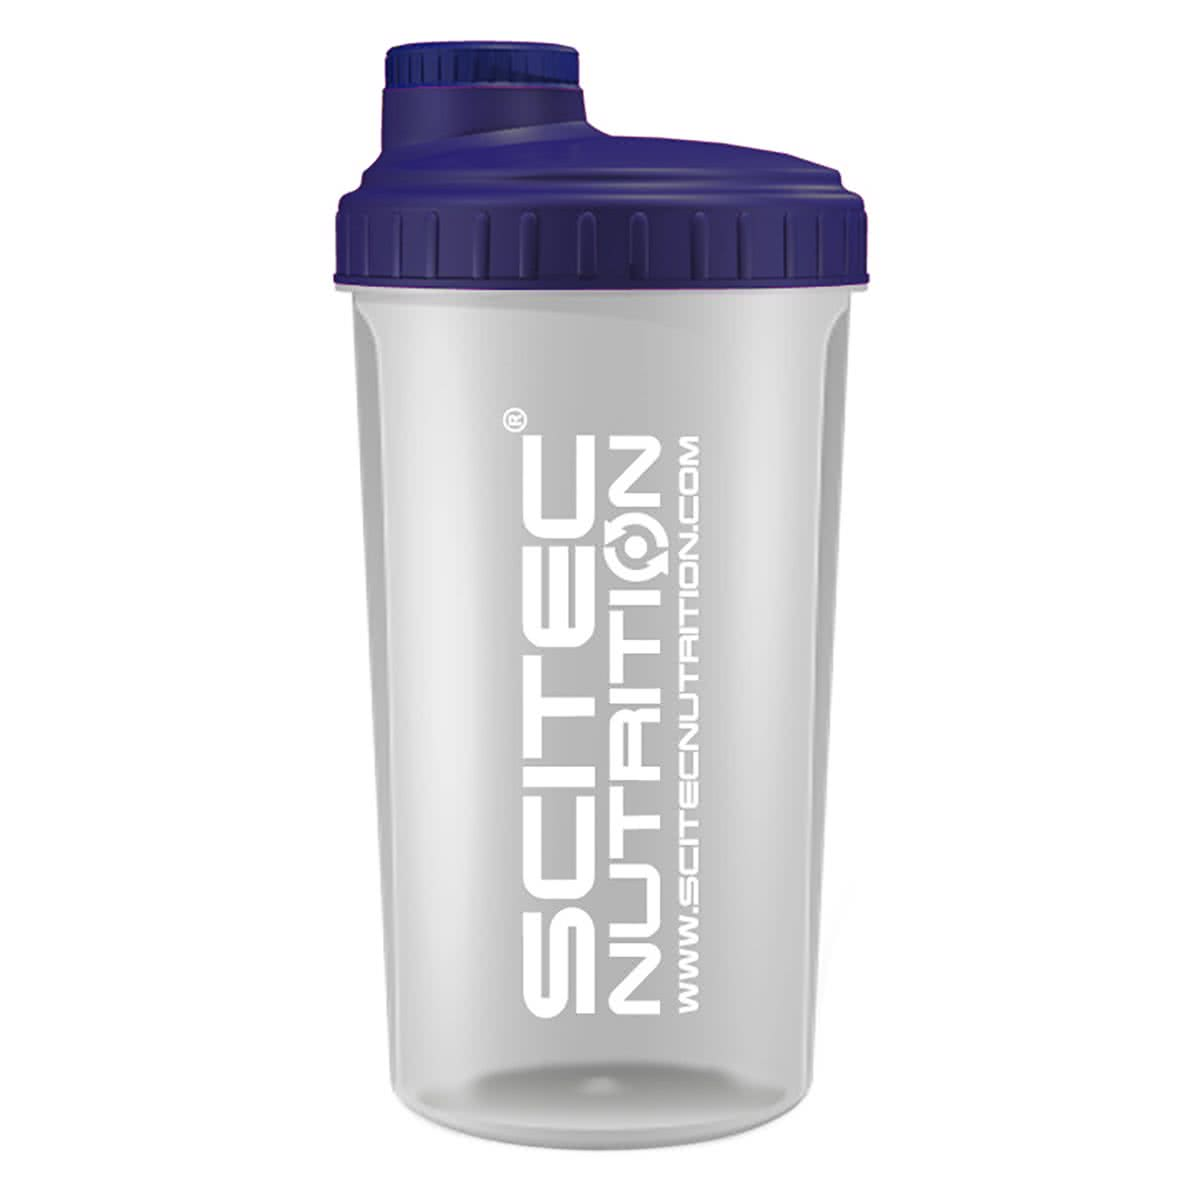 Scitec Nutrition Scitec Shaker kom